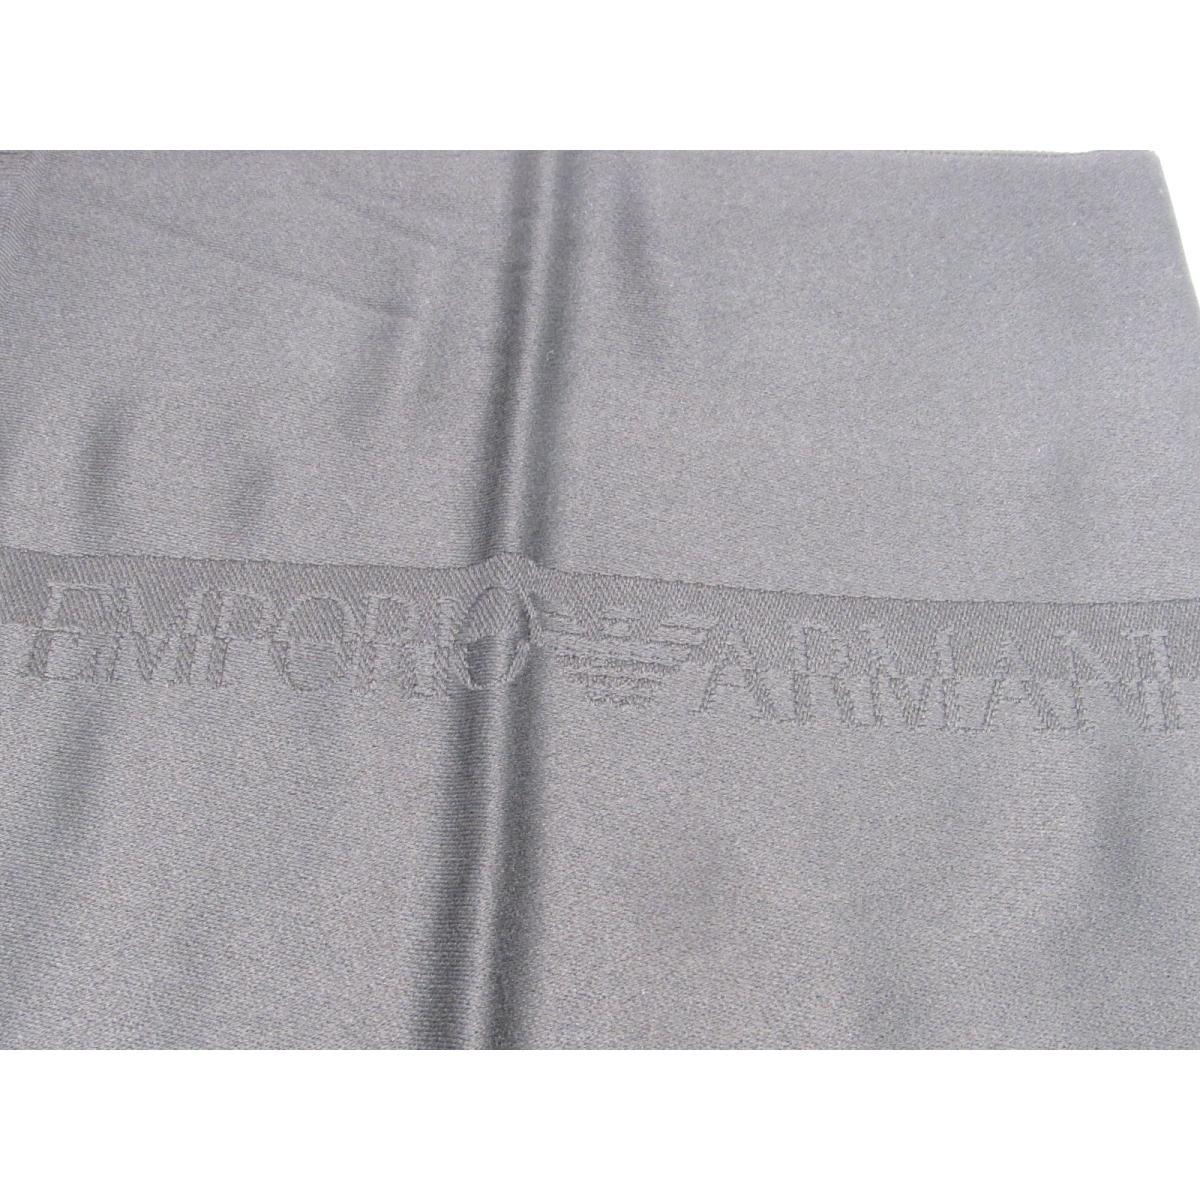 エンポリオアルマーニ マフラー メンズ ウール100% ブラック625007 BKEMPORIO ARMANI BRANDOFF ブランドオフ ブランド ストールVSzMUqp